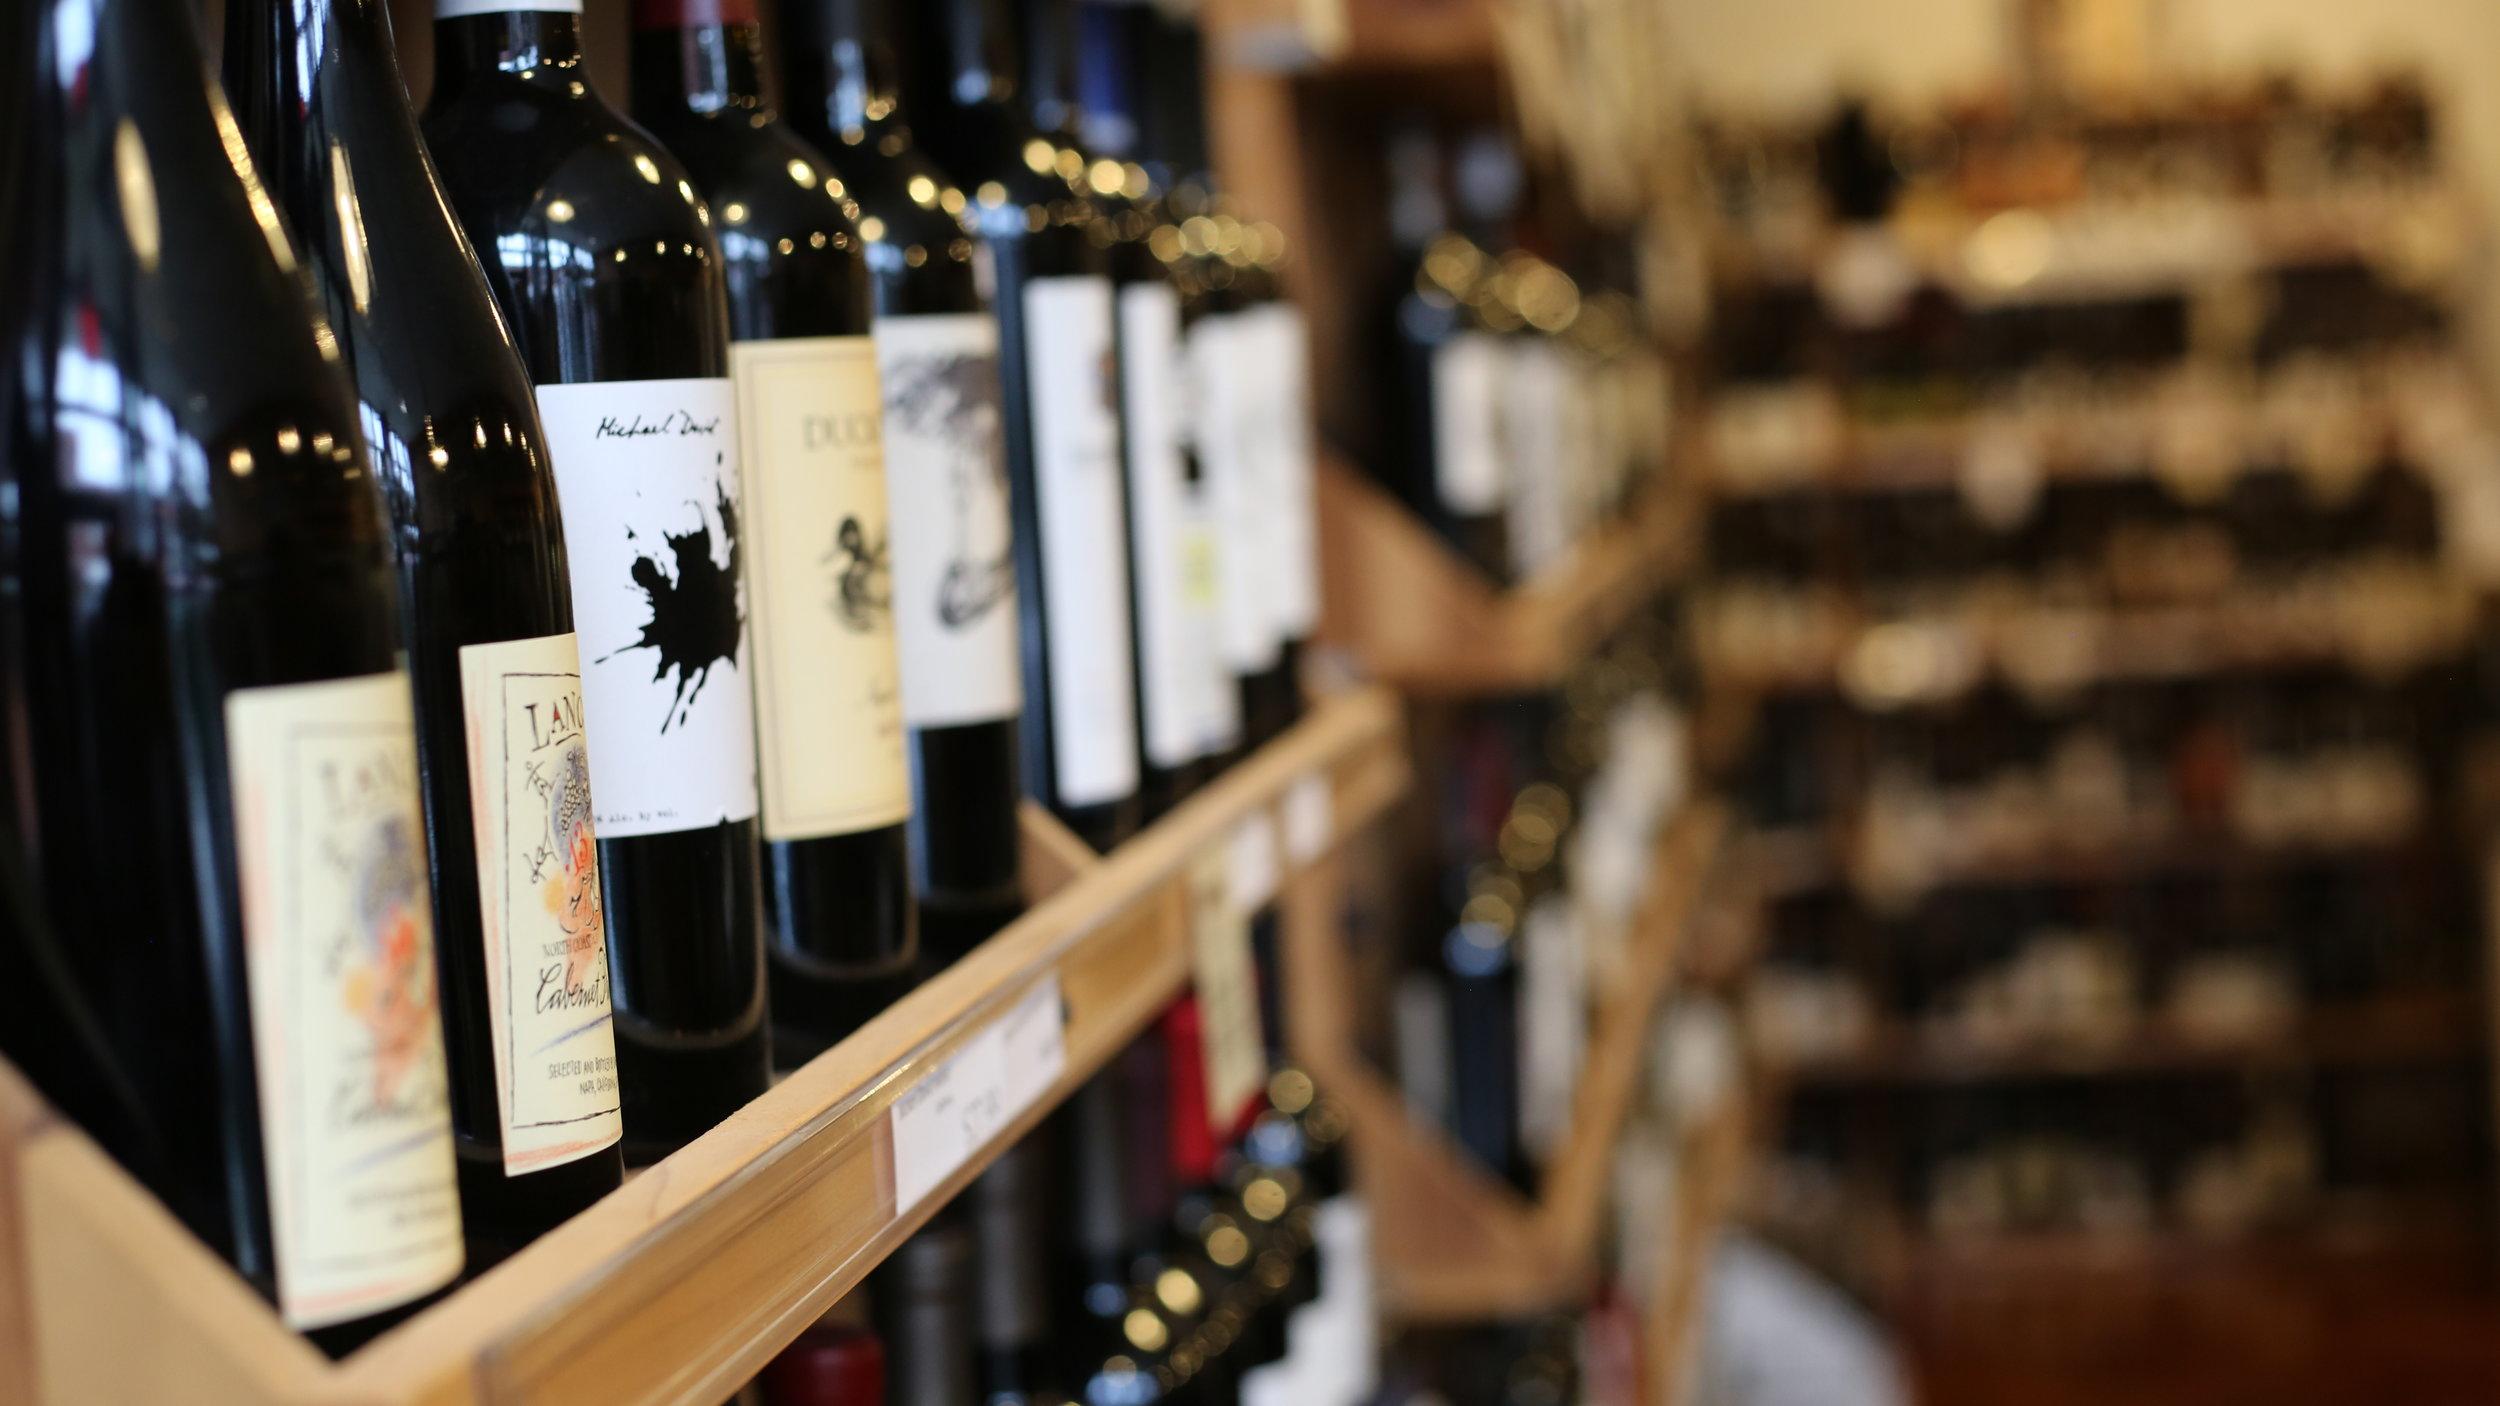 effingham-village-wine-and-spirits-33.jpg